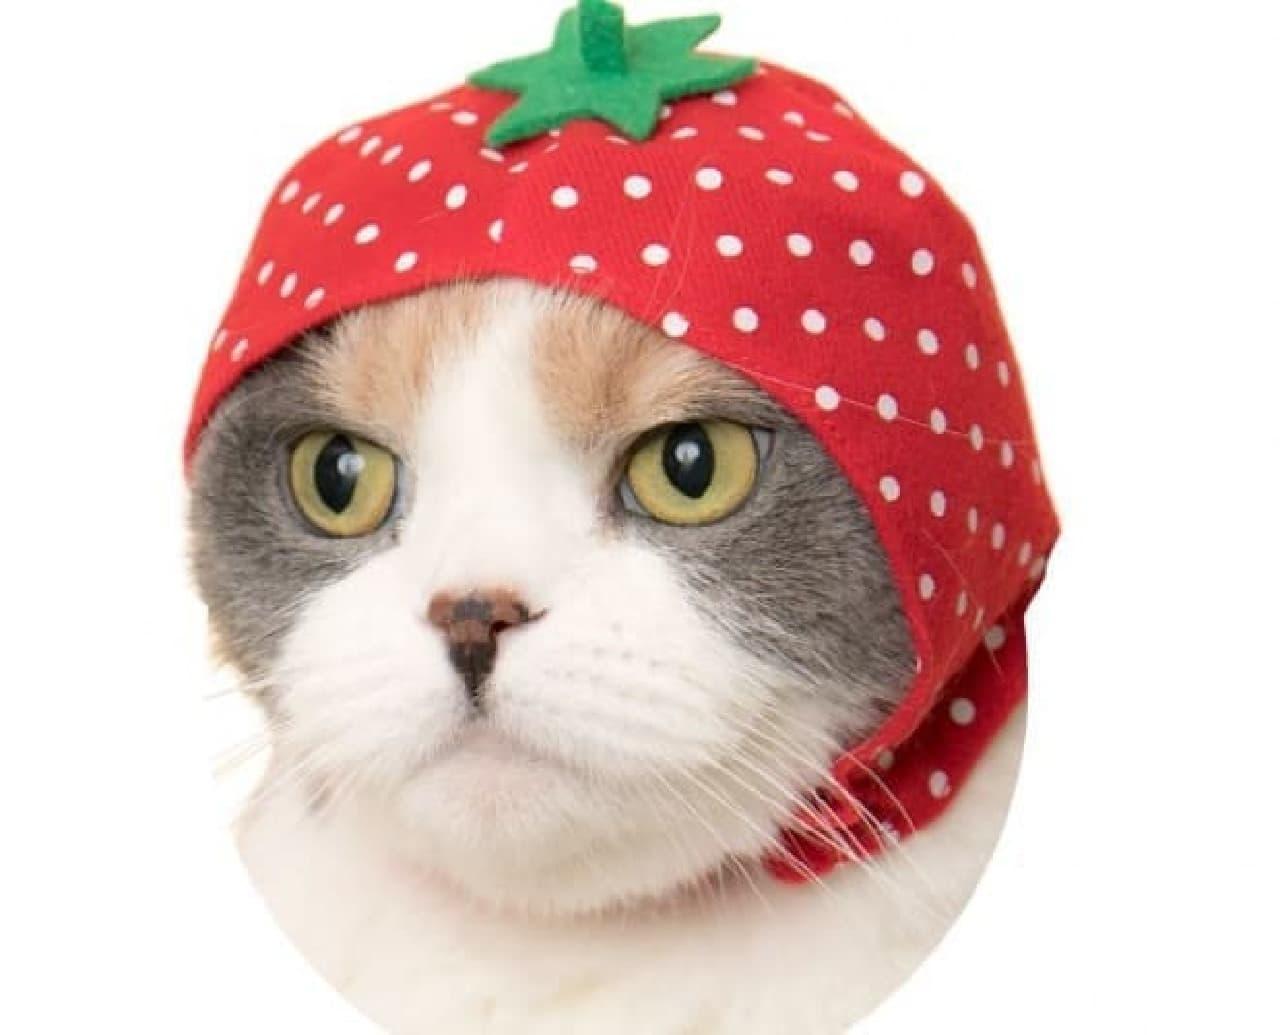 ネコ専用カプセルトイ第8弾「かわいい かわいい ねこのフルーツちゃん」